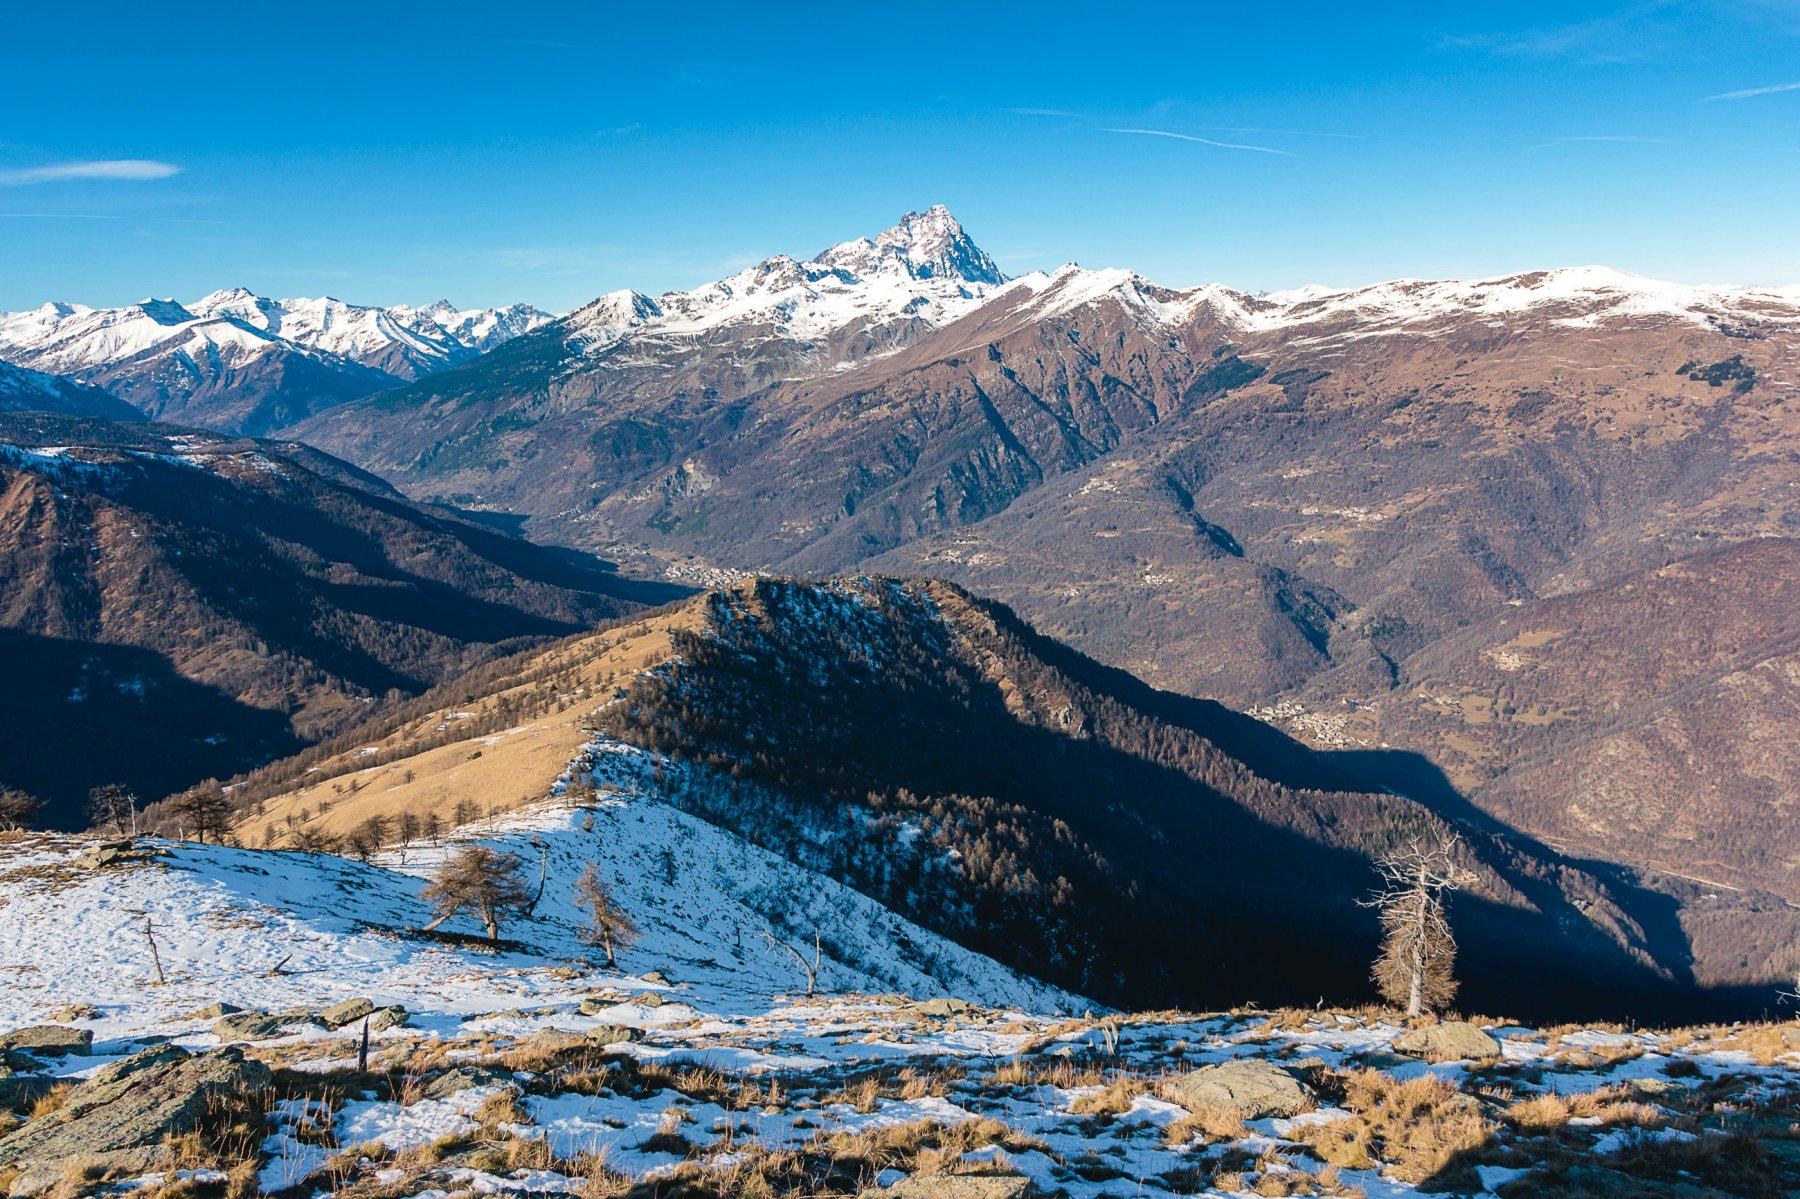 La vista dalla cima